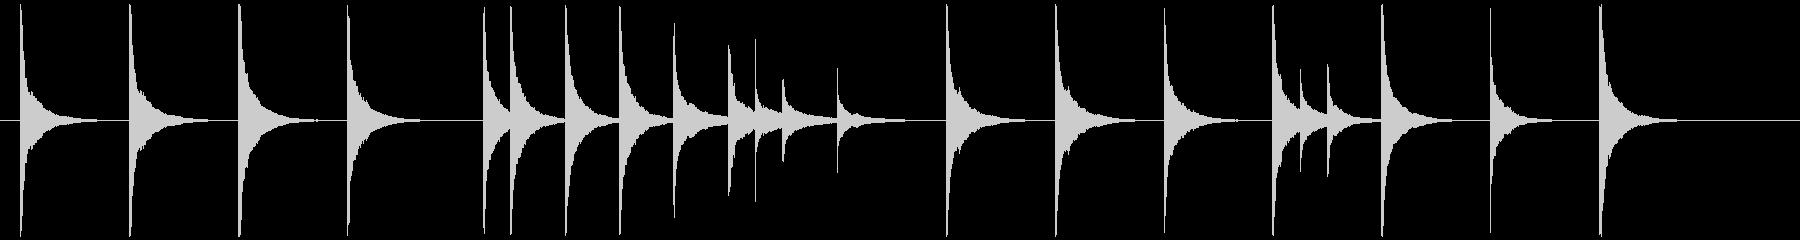 グロッケンのシンプルなジングルの未再生の波形